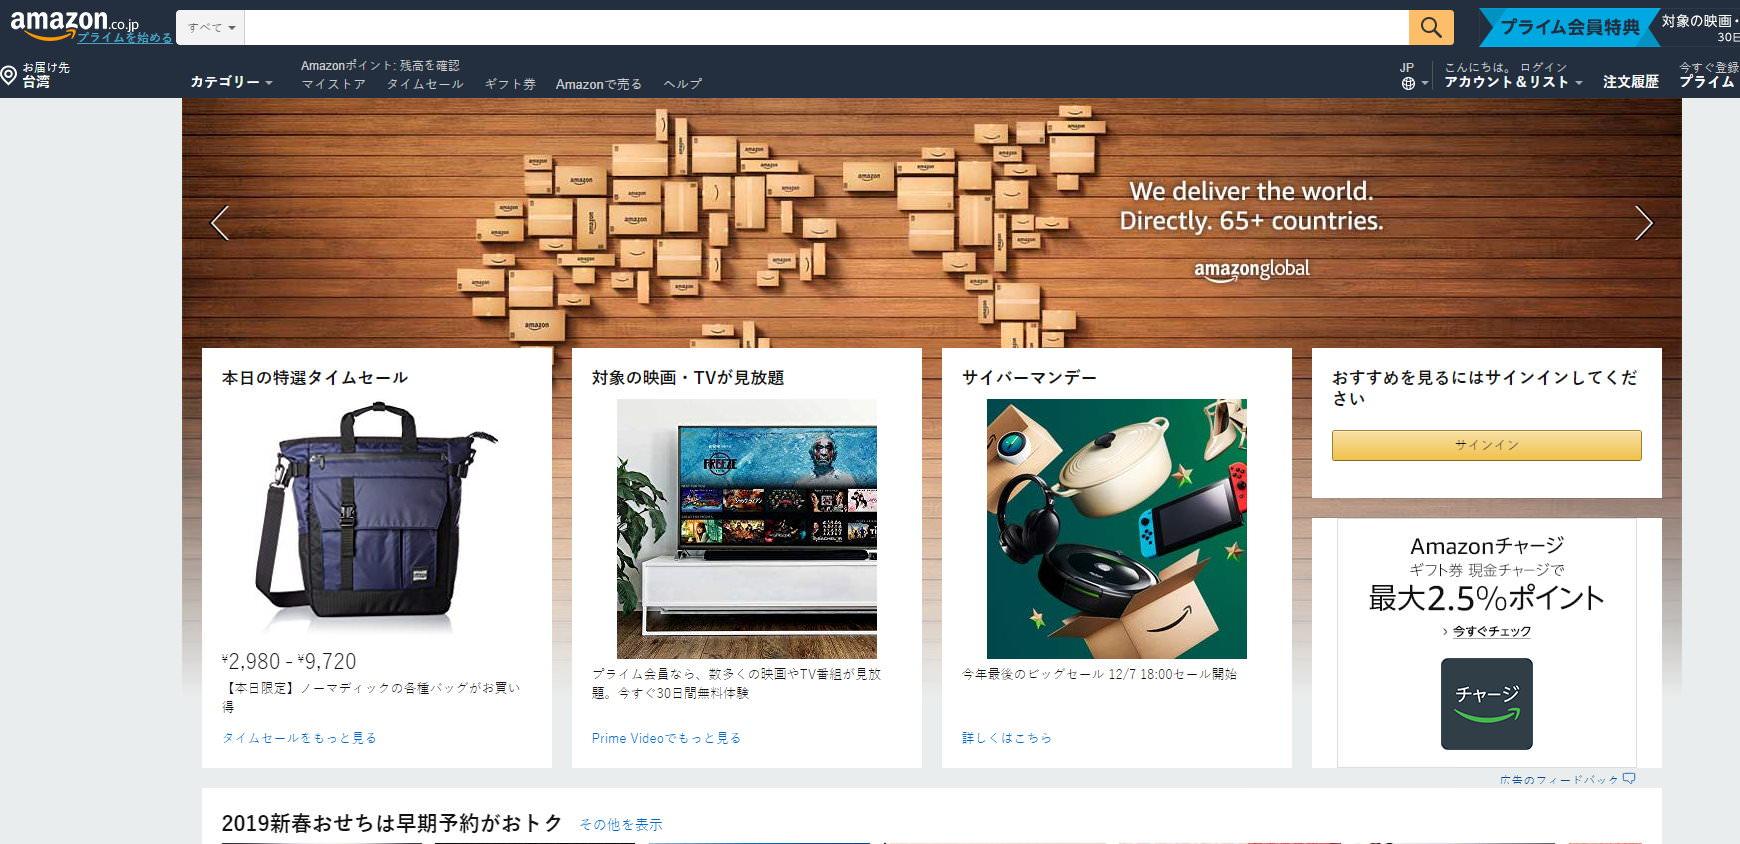 日本Amazon亞馬遜購物教學》免稅直送臺灣購物教學,進口關稅,寄送問題全攻略 - 寶寶溫旅行親子生活